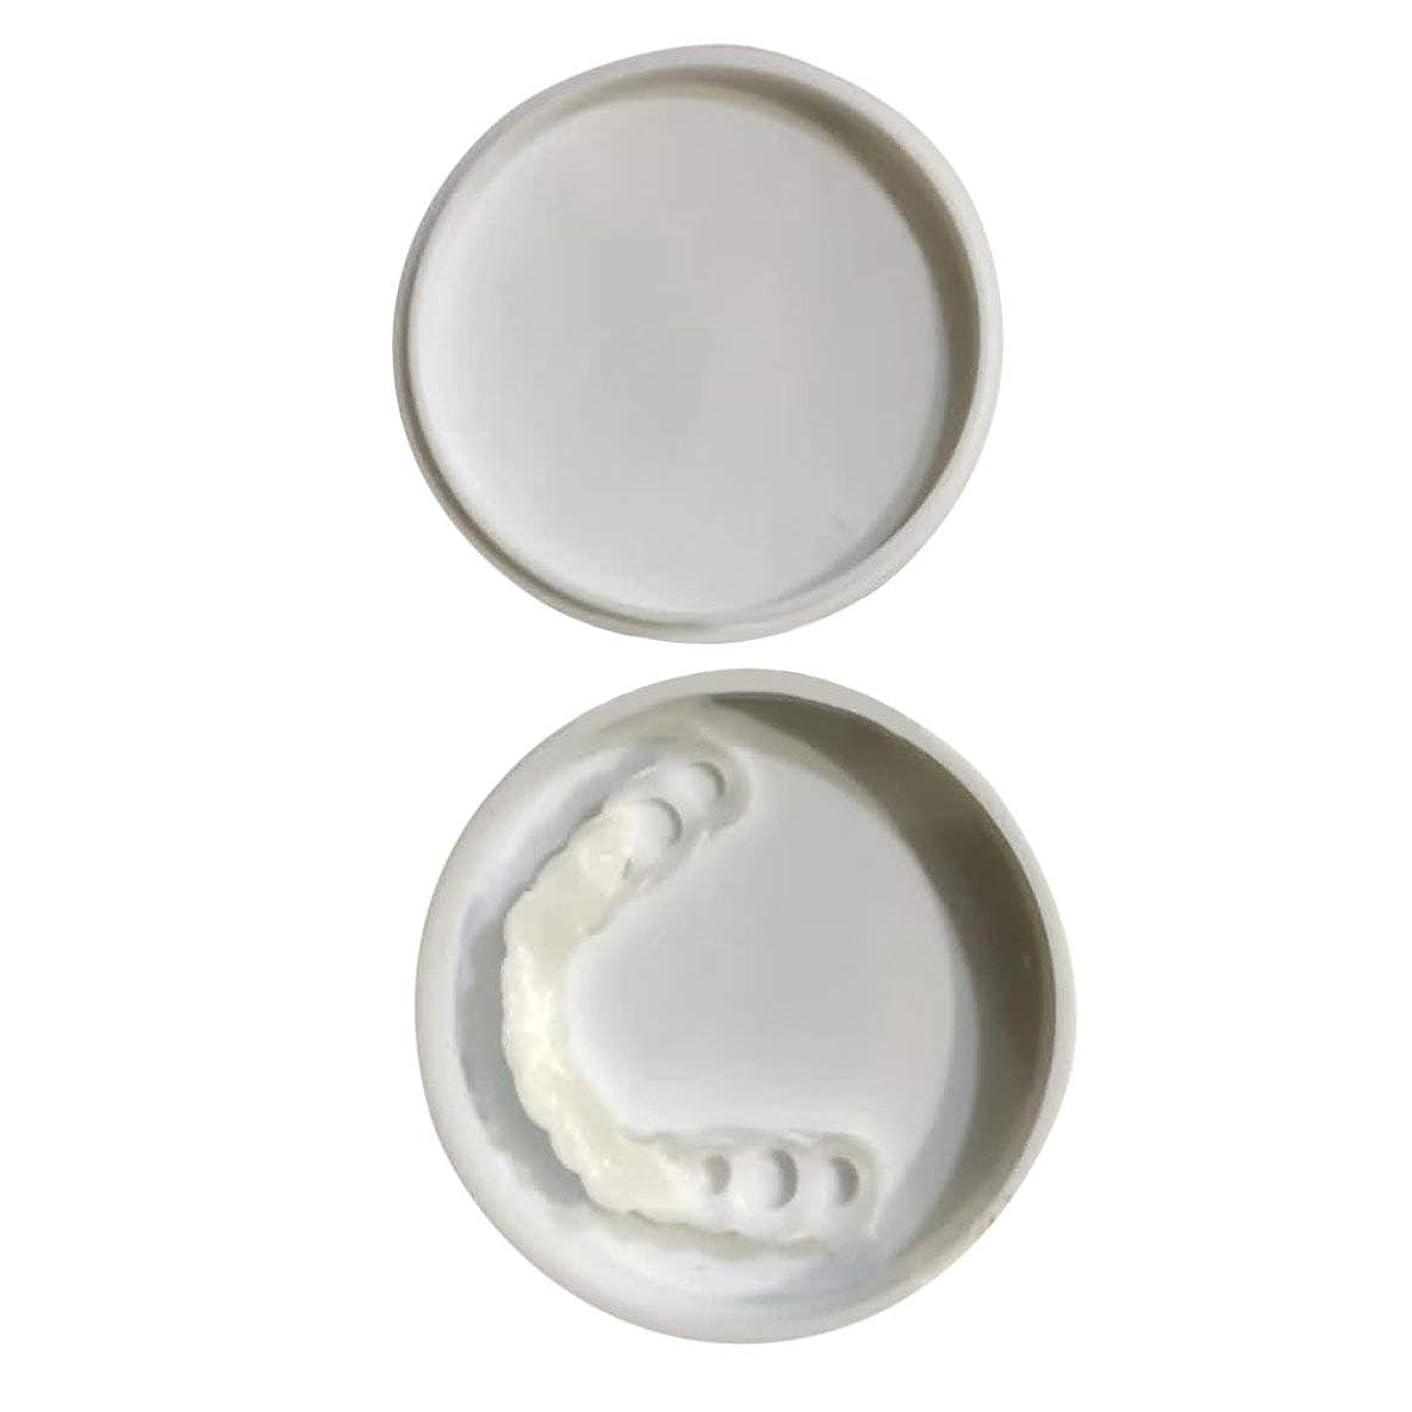 先行する寄託指Birdlantern快適なスナップオン男性女性歯インスタントパーフェクトスマイルコンフォートフィットフレックス歯フィットホワイトニング笑顔偽歯カバー